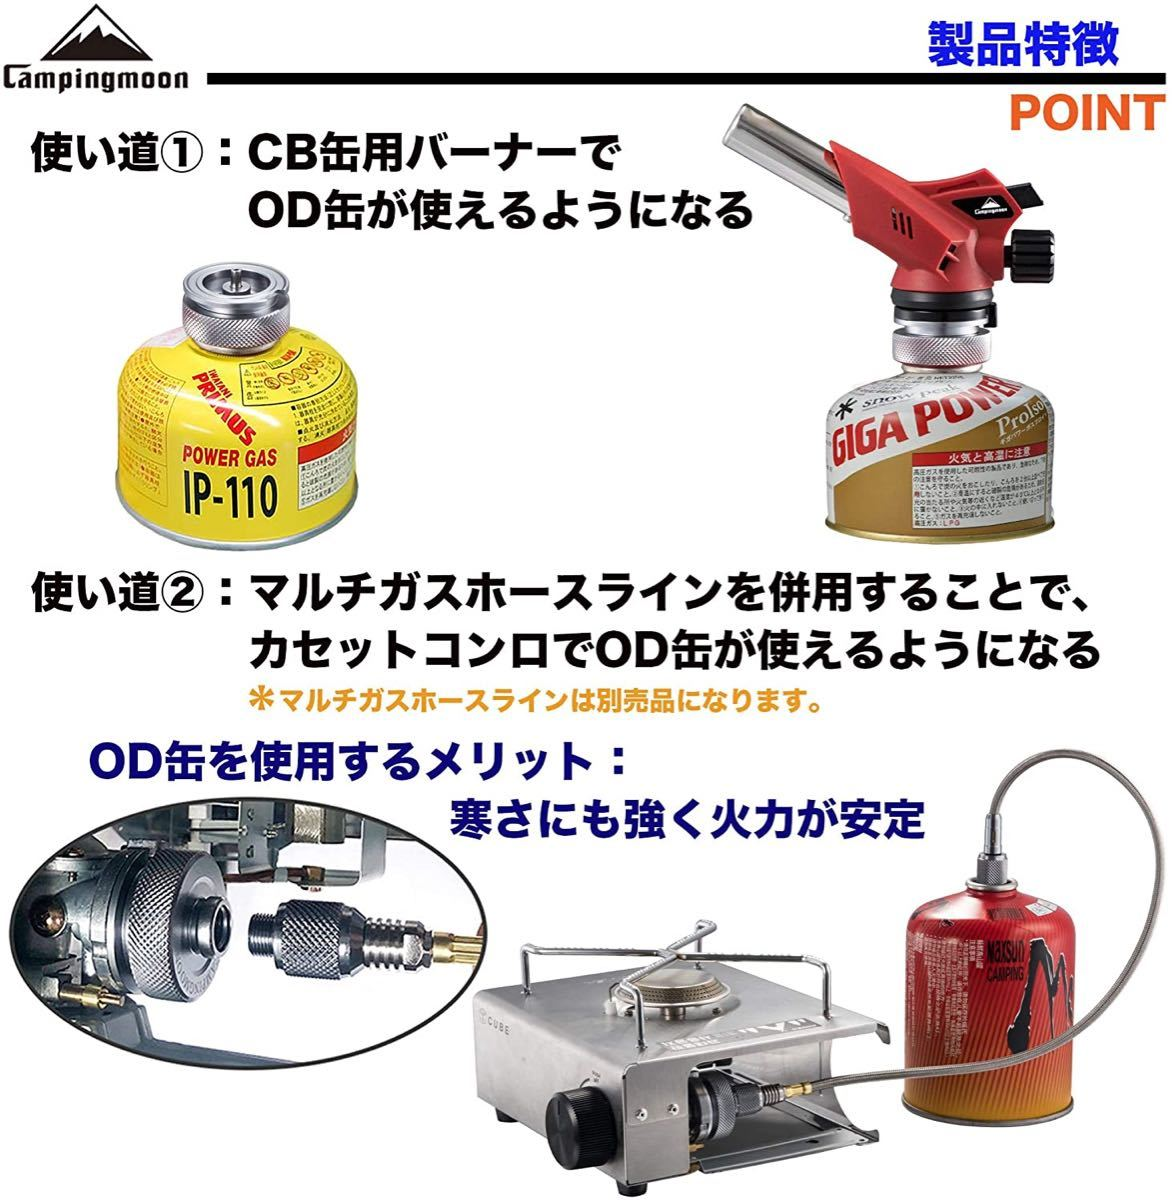 キャンピングムーン(CAMPING MOON) CB缶OD缶へ 互換アダプター ねじ込み式 変換アダプター ST-310対応可能